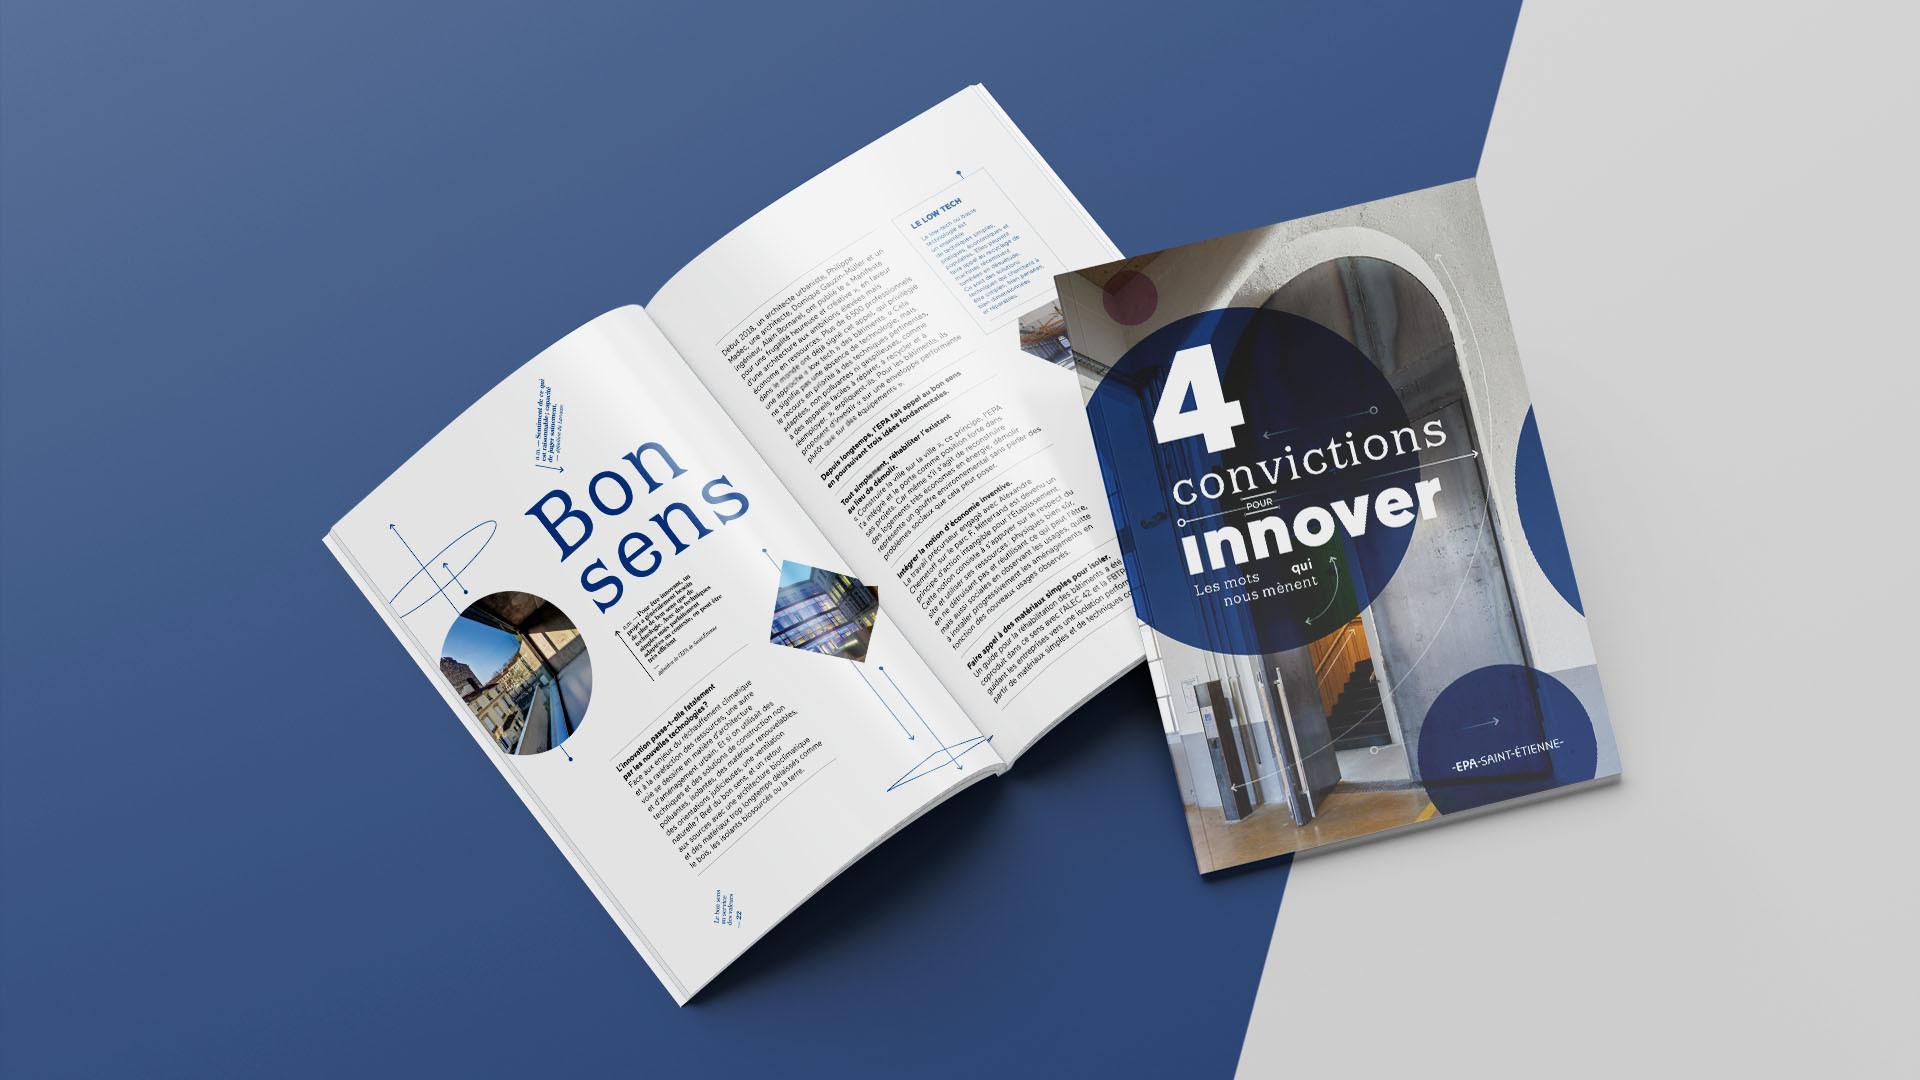 Romain Belotti - Graphiste à Lyon 4 convictions pour innover